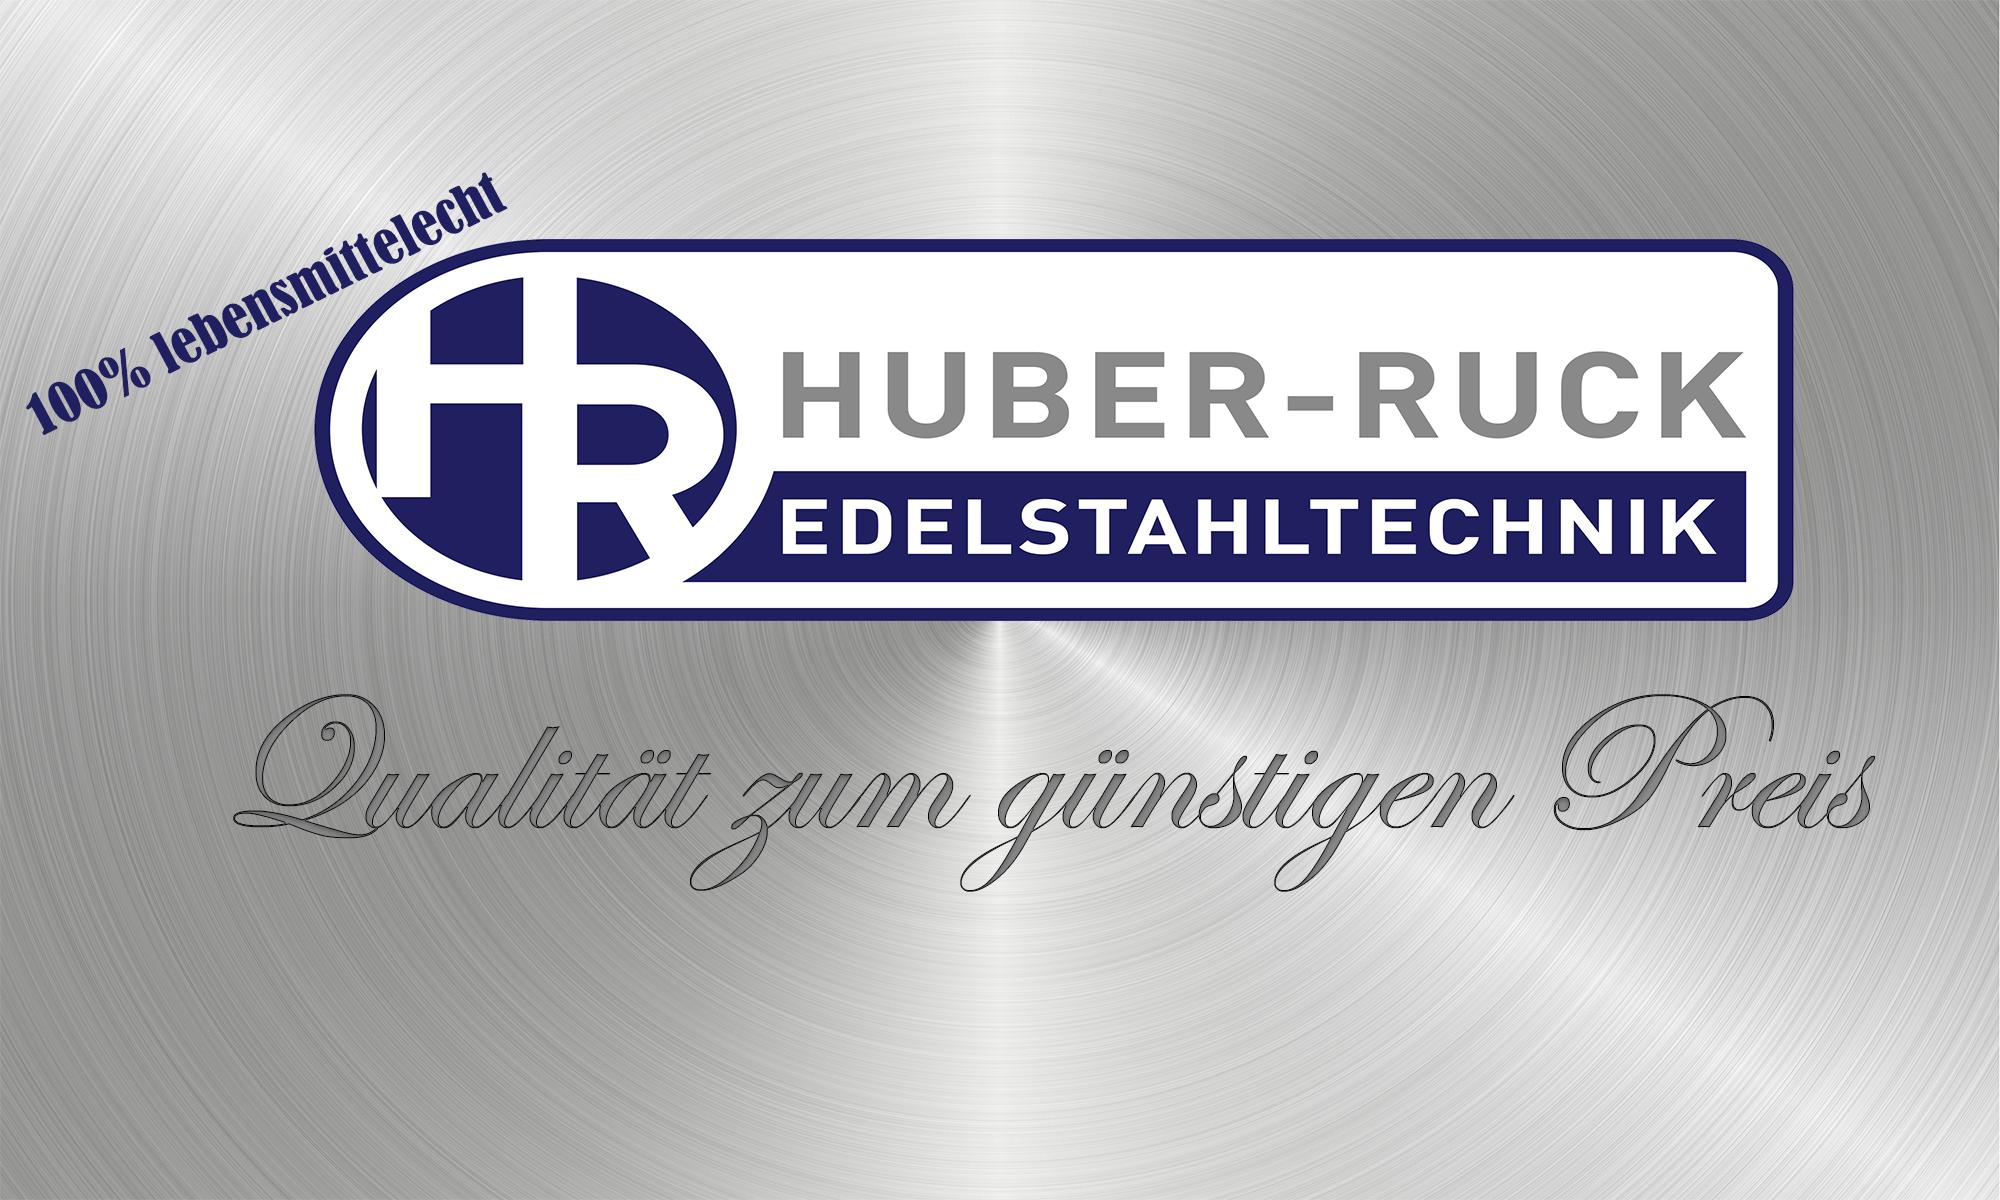 Edelstahltechnik Huber-Ruck